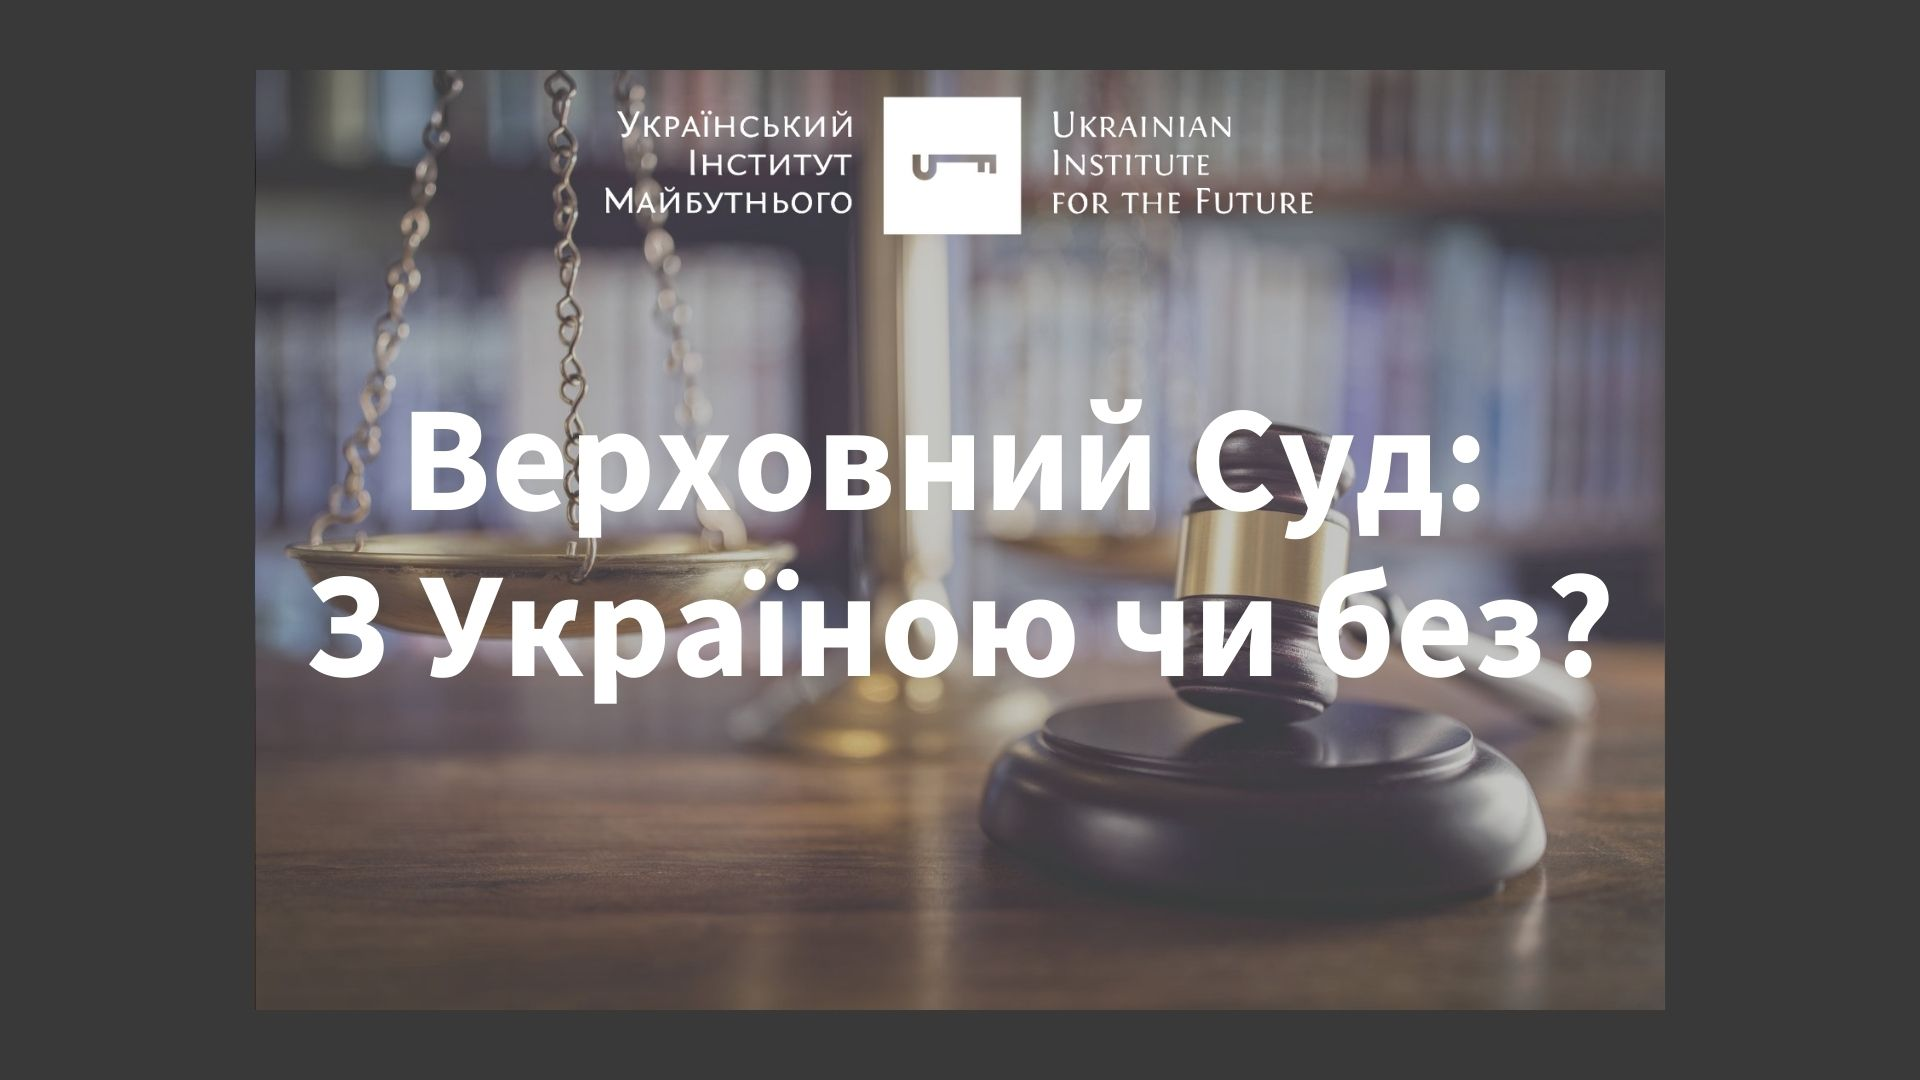 Верховний Суд: З Україною чи без?